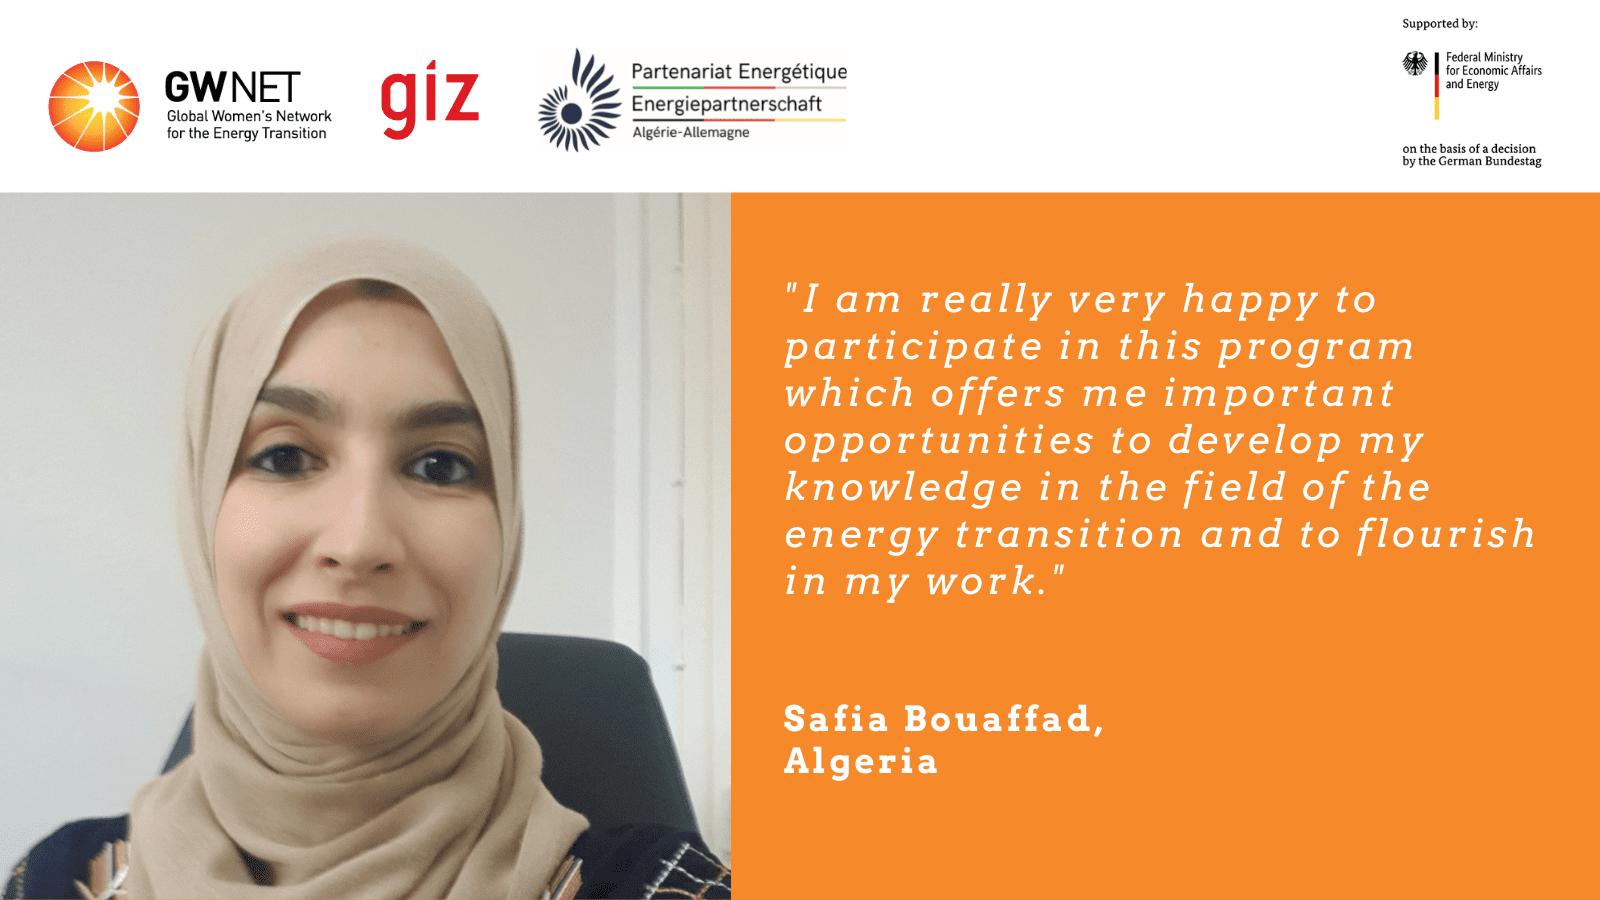 Safia Bouaffad quote